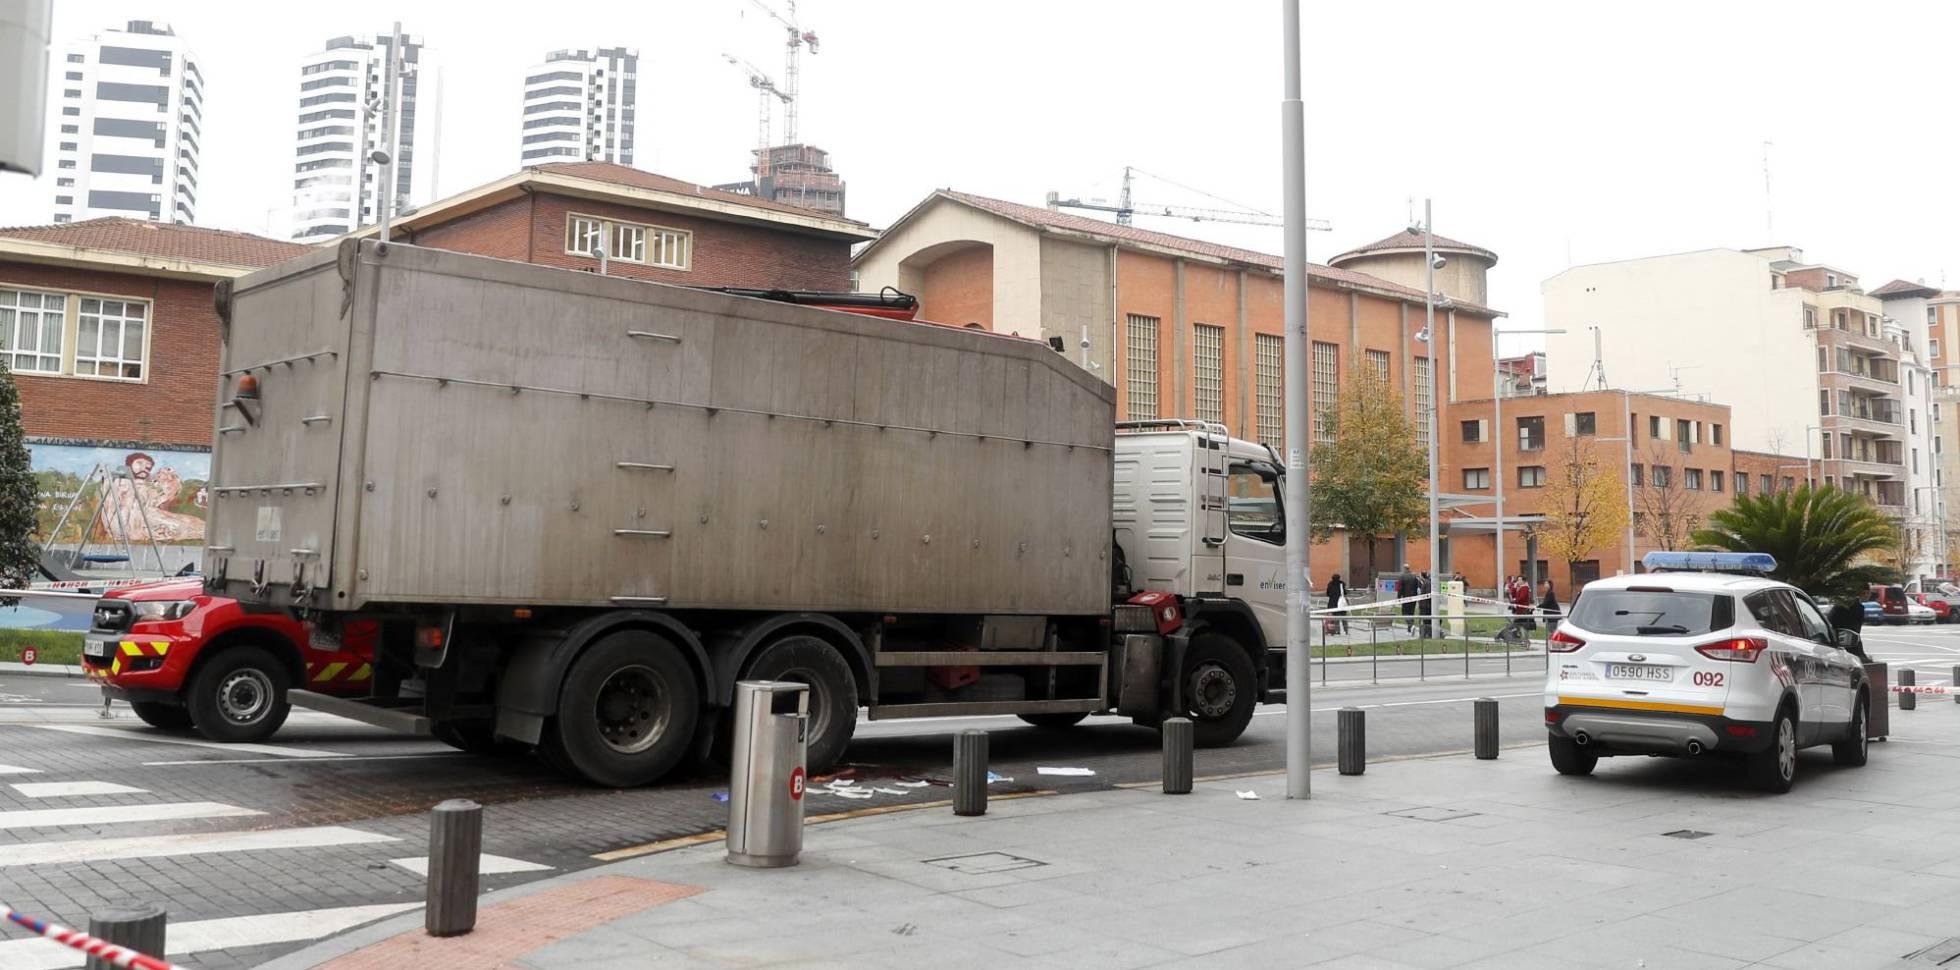 La noticia más triste del mes: muere una ciclista atropellada por un camión de la basura en Bilbao